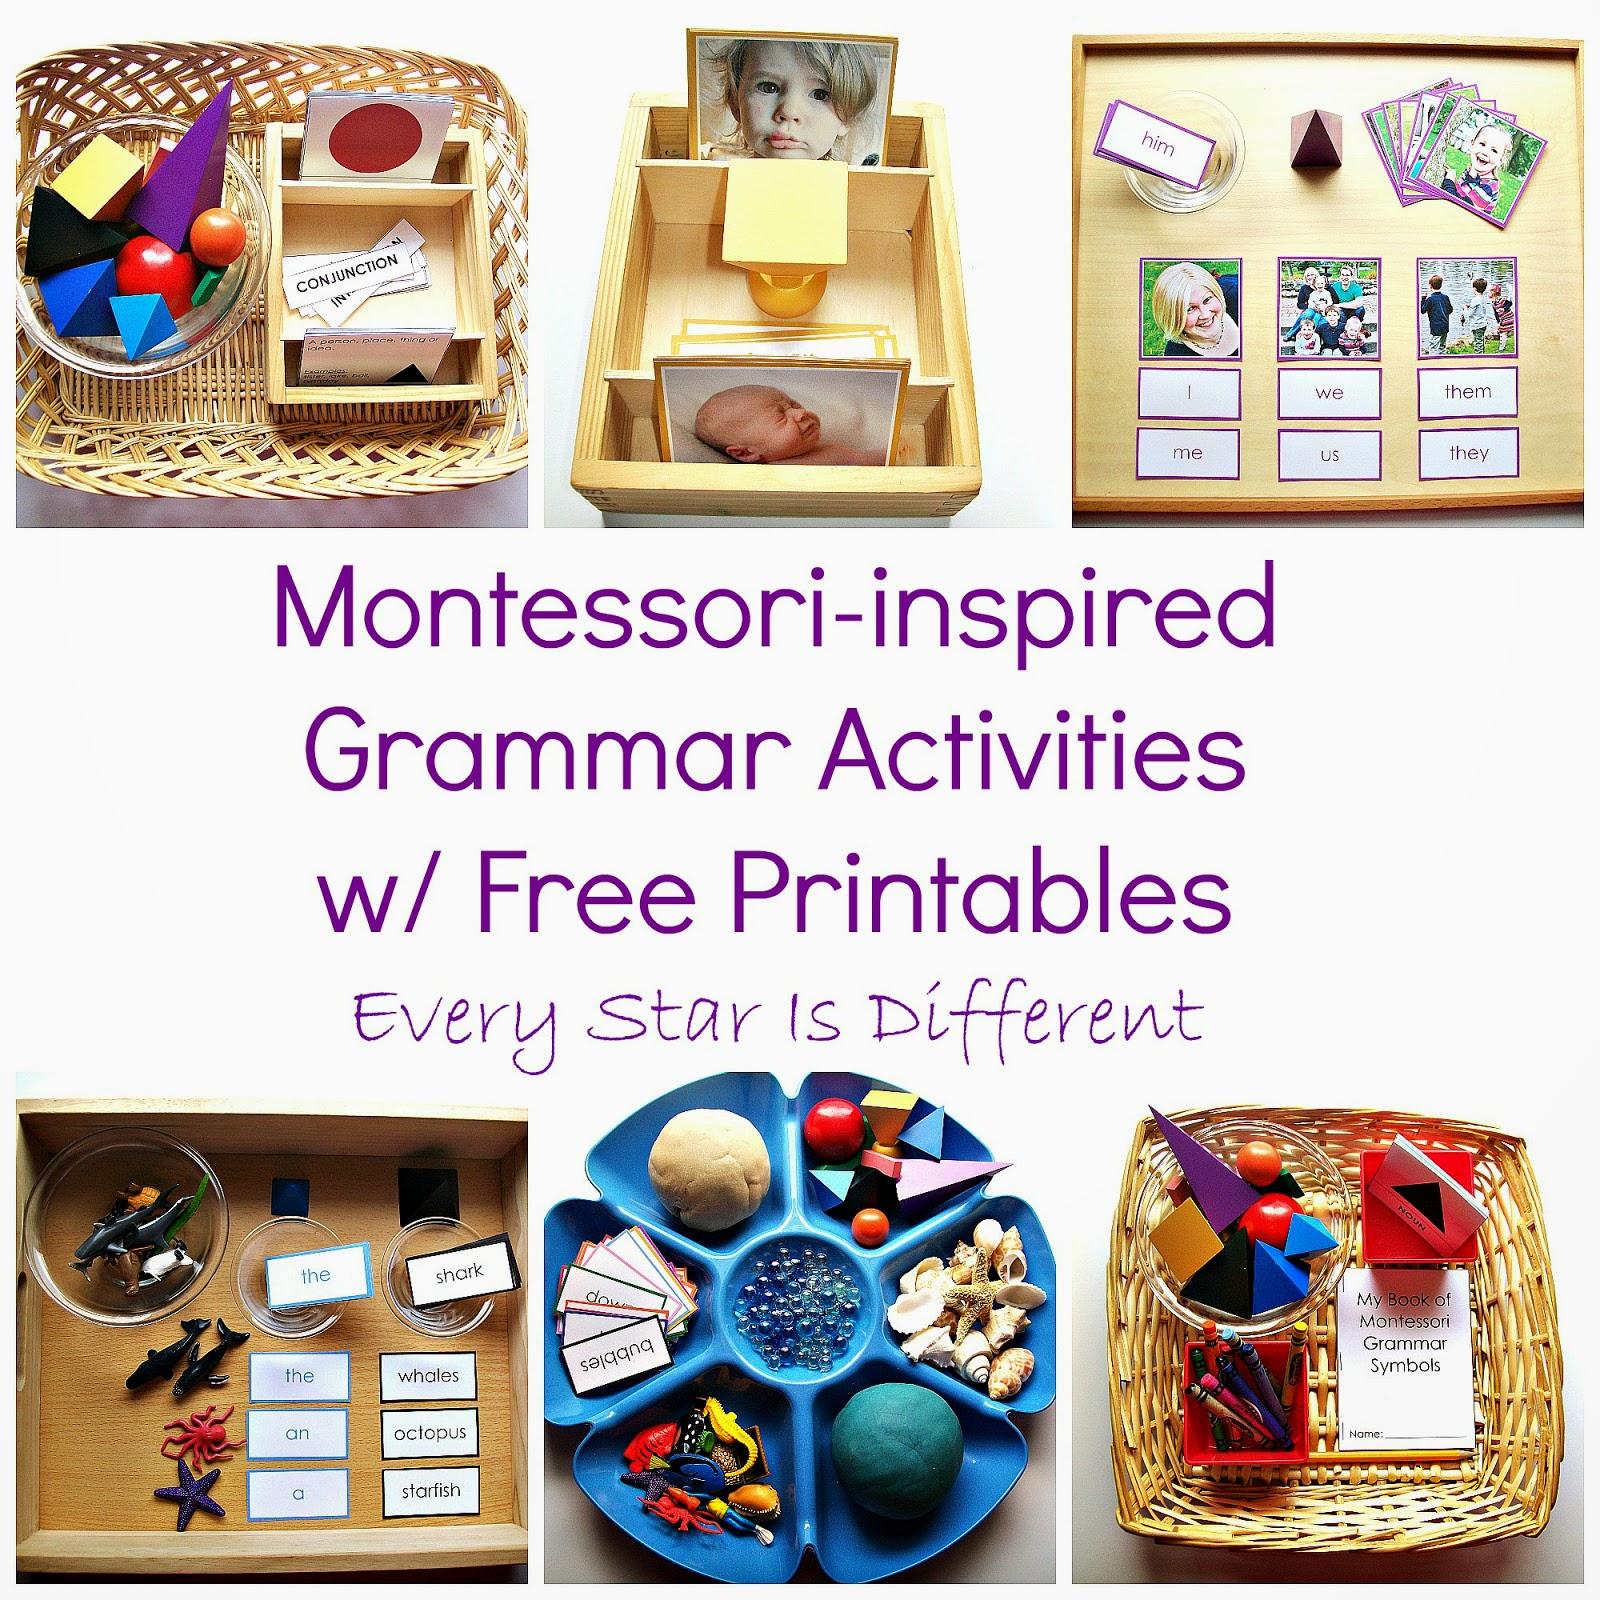 Grammar Activities & Printables